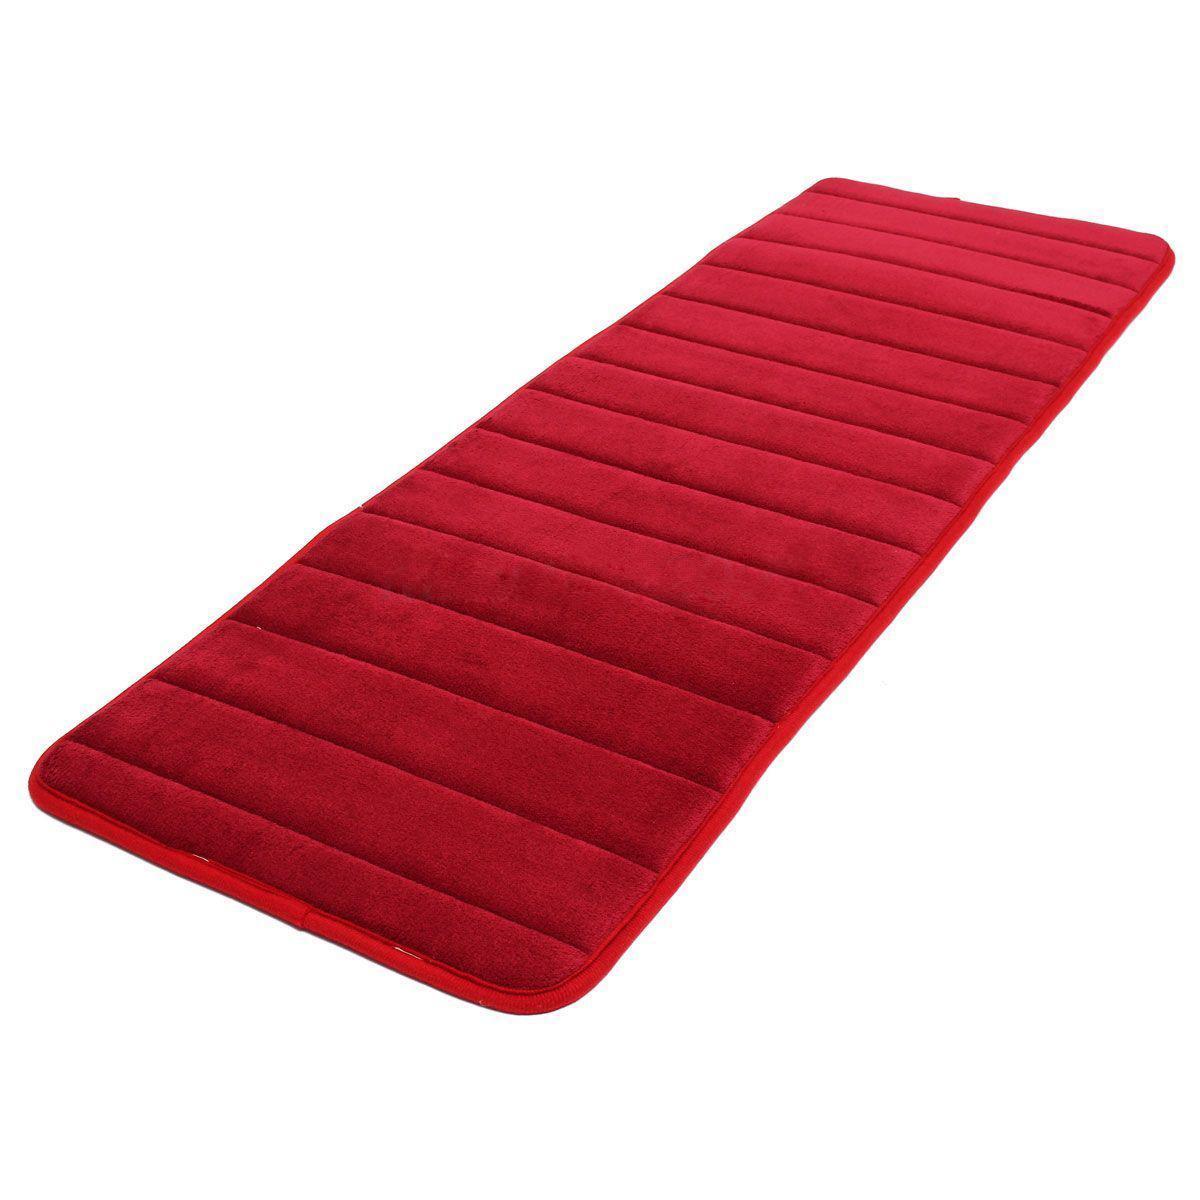 2019 Wholesale CNIM Hot 120x40cm Absorbent Nonslip Memory Foam Kitchen  Bedroom Door Floor Mat Rug Carpet Date Red From Douglass, $15.25 |  DHgate.Com